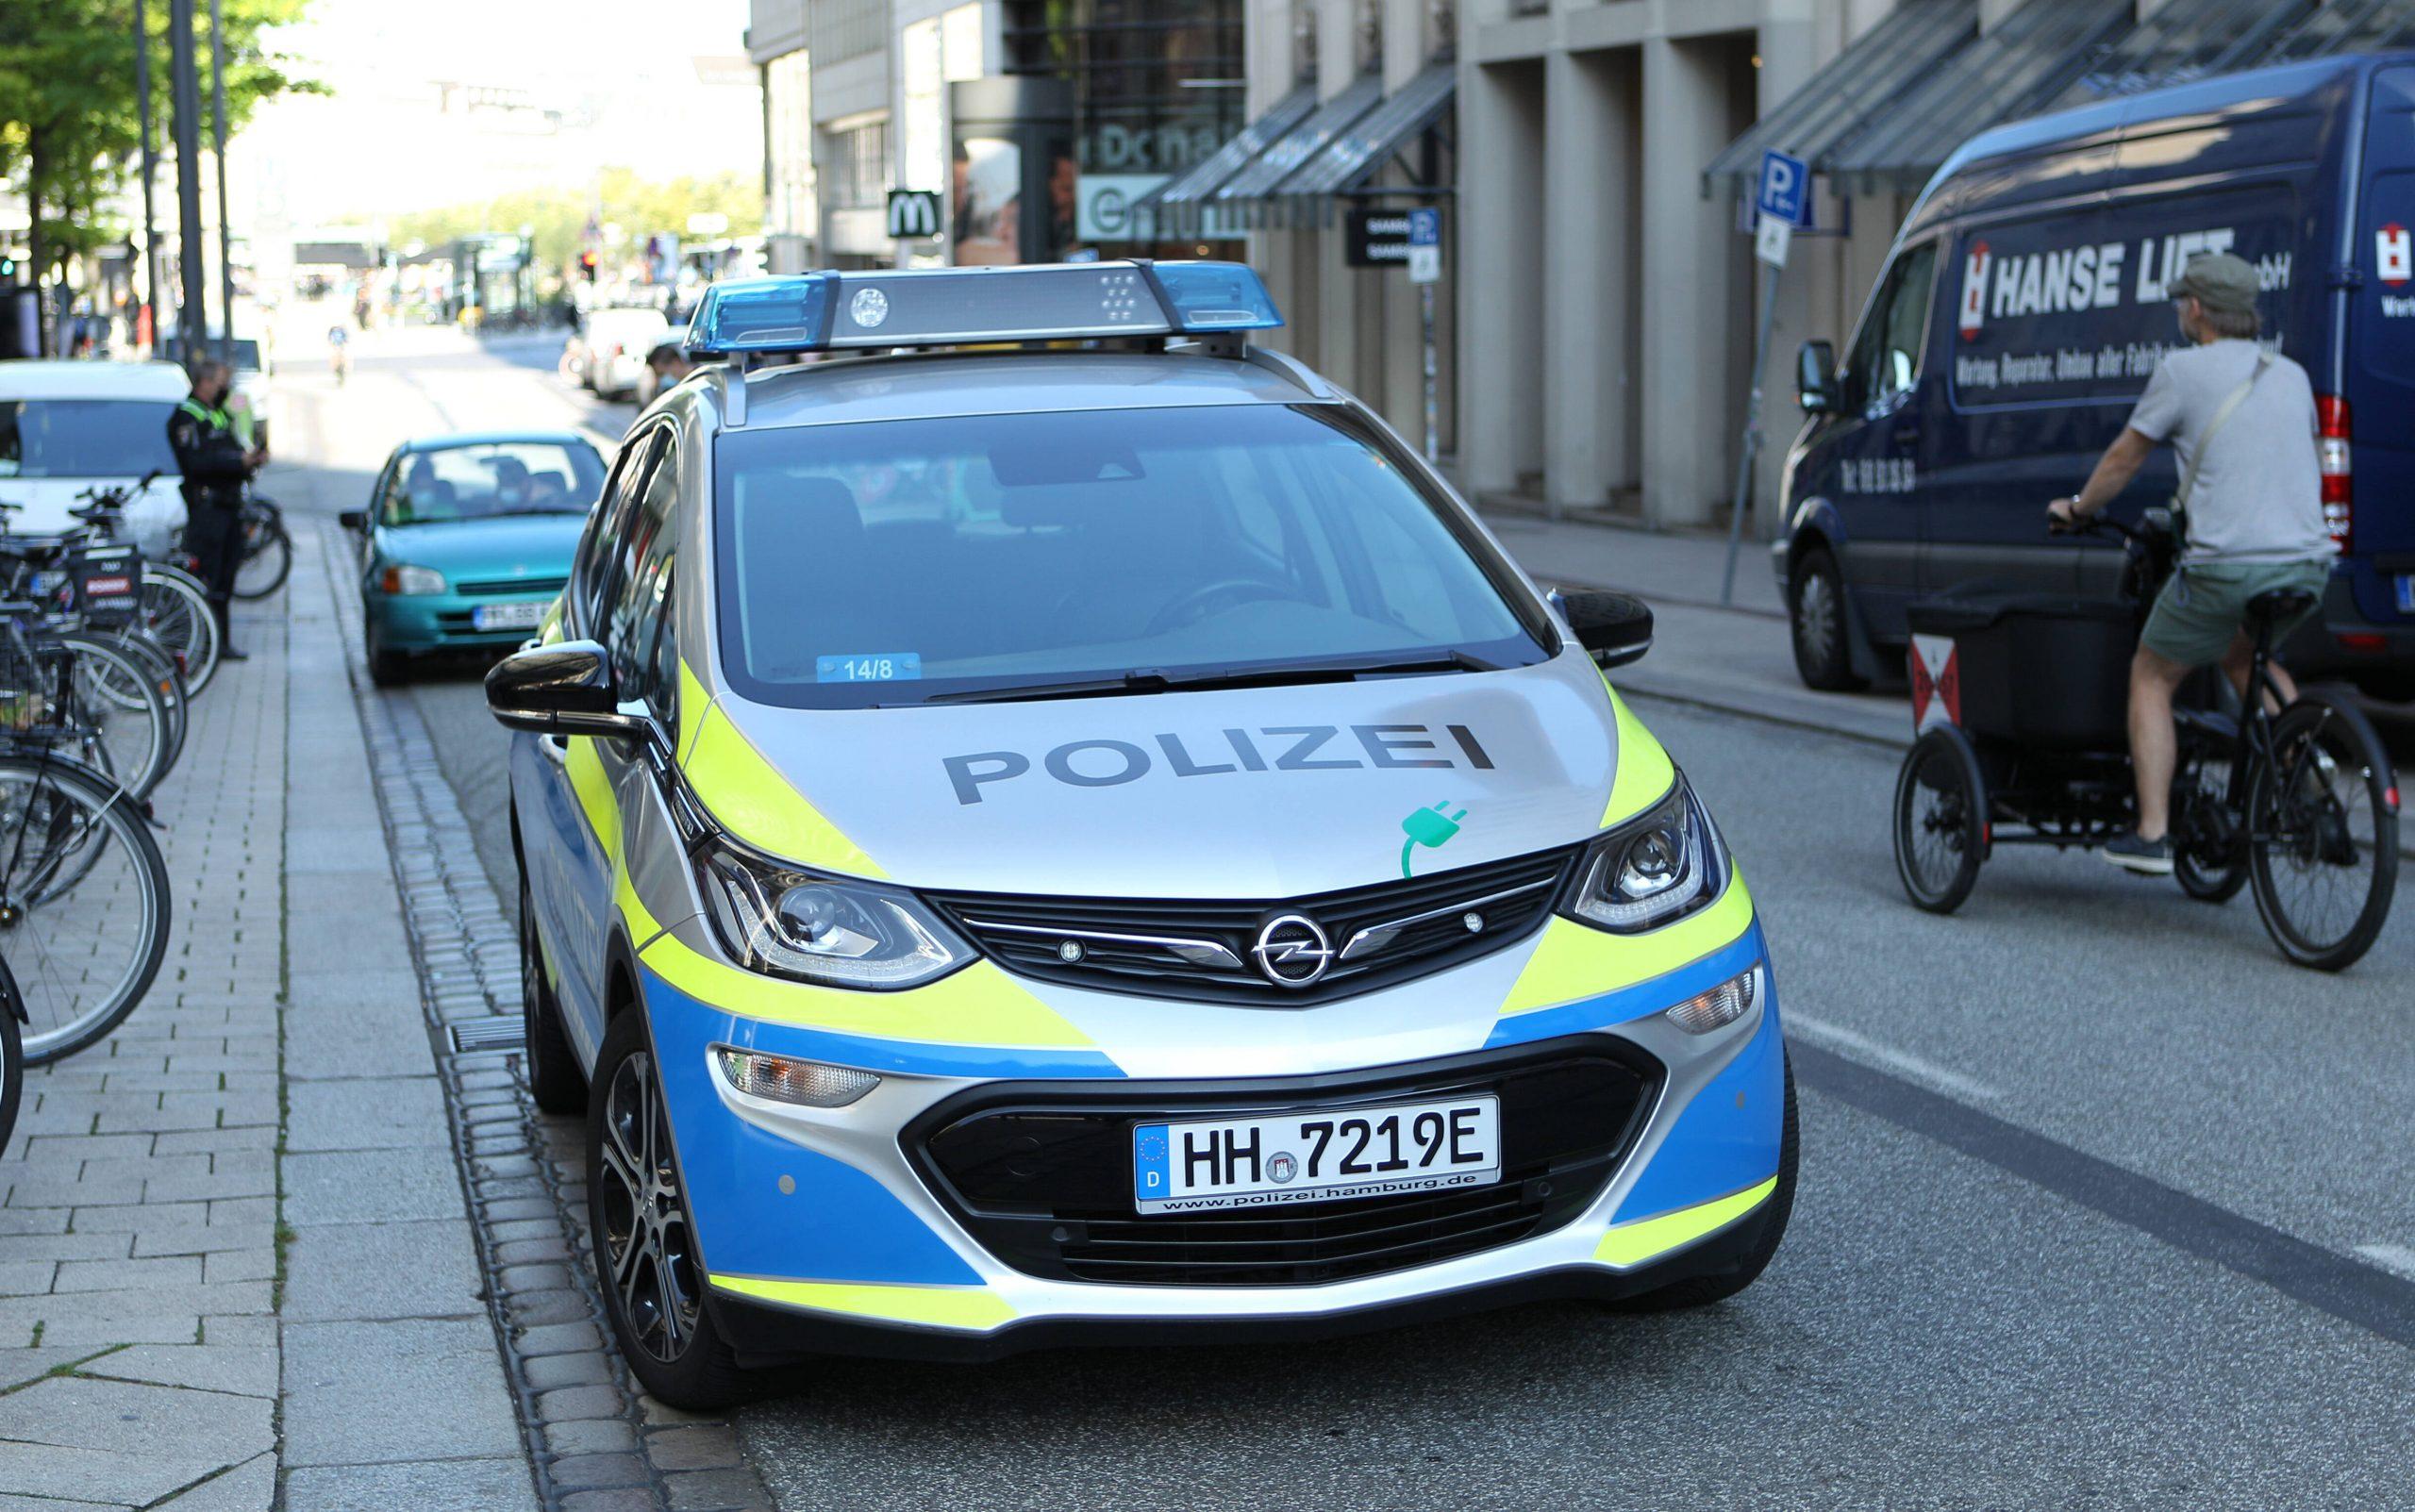 Polizei mit E-Auto